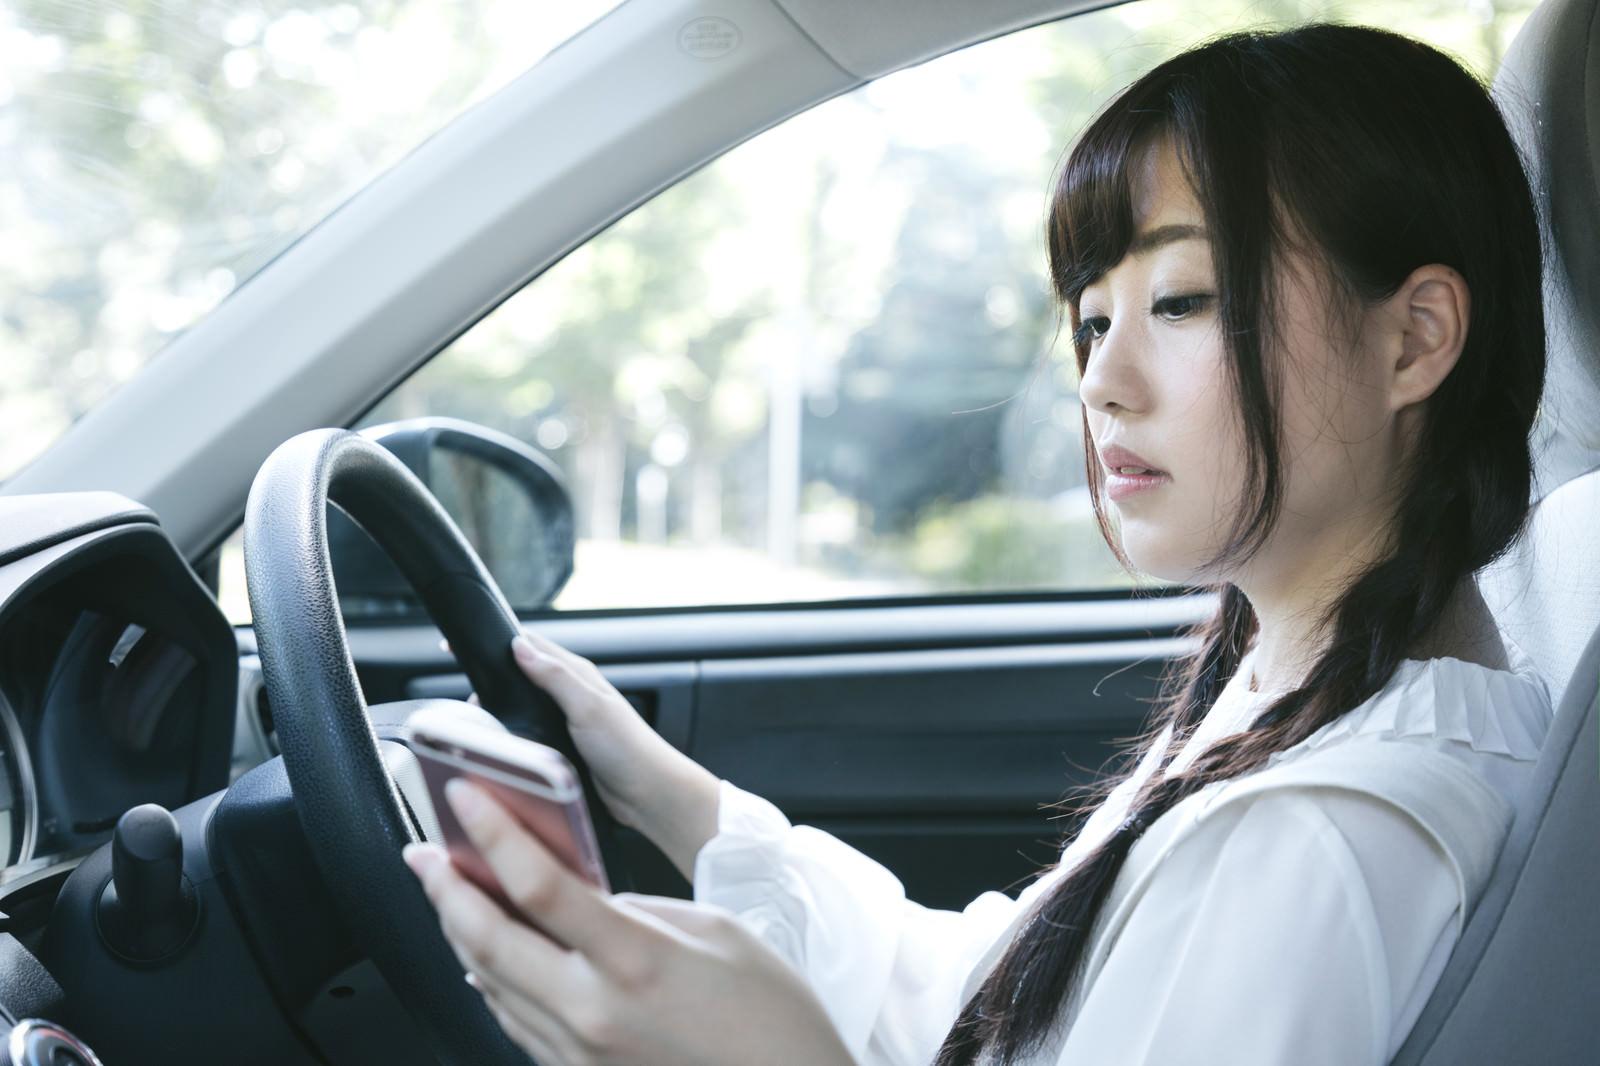 「スマホを見ながら運転するのは危険ですスマホを見ながら運転するのは危険です」[モデル:河村友歌]のフリー写真素材を拡大